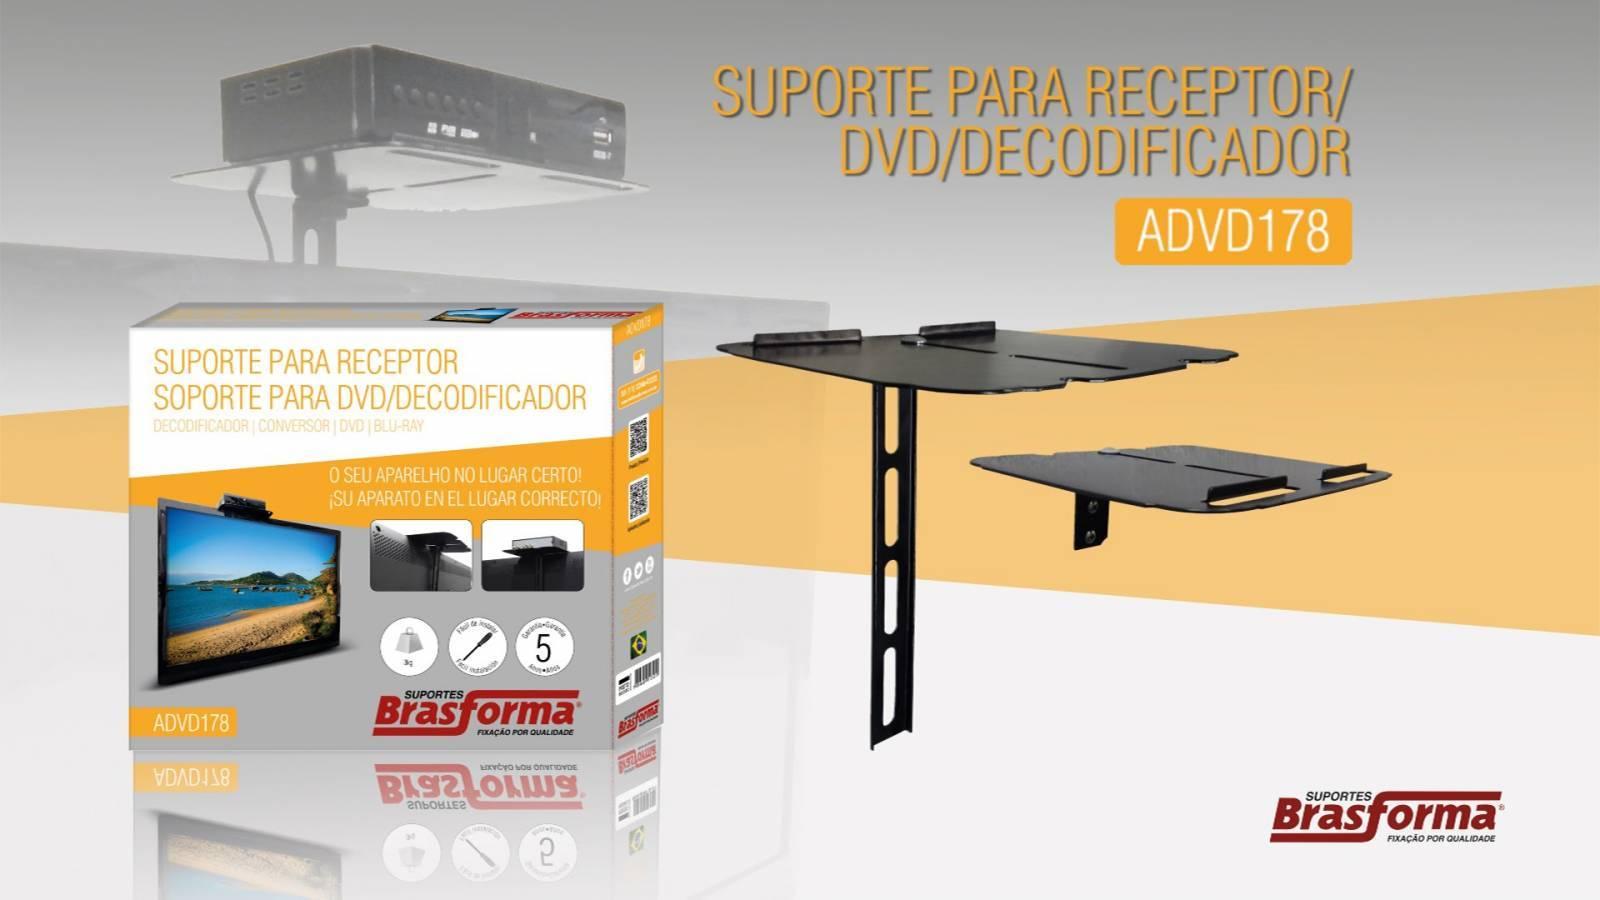 Suporte p/ DVDs e Receptores ADVD178 BRASFORMA - Casa da Pilha